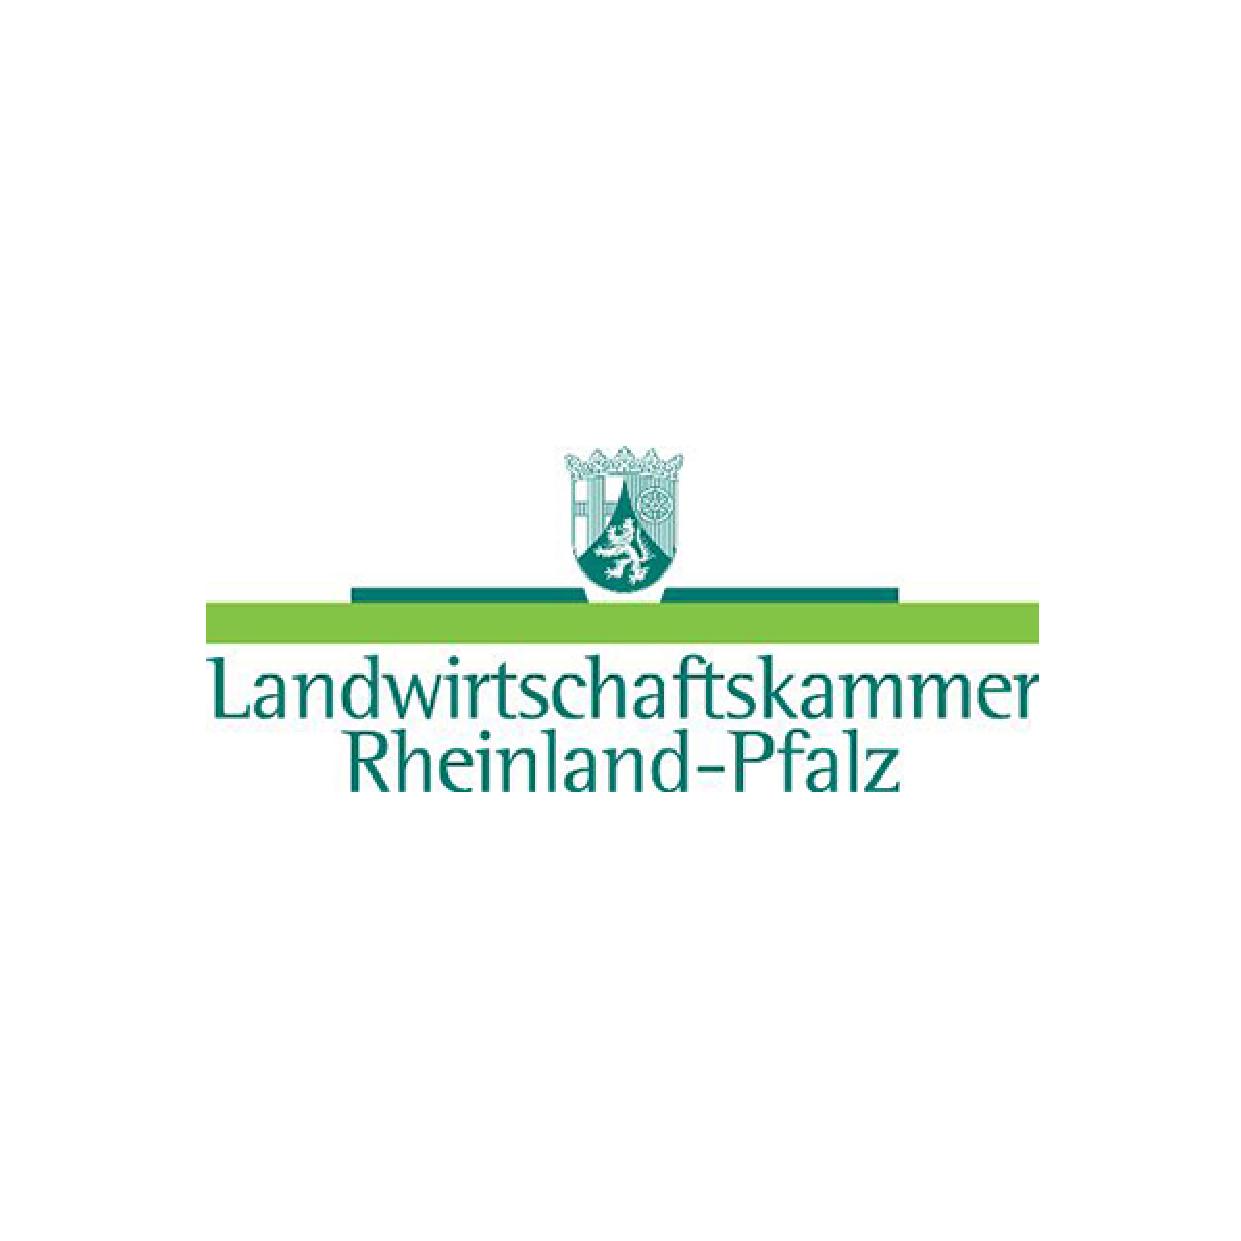 Logo_Landwirtschaftskammer_Zeichenfläche 1.jpg